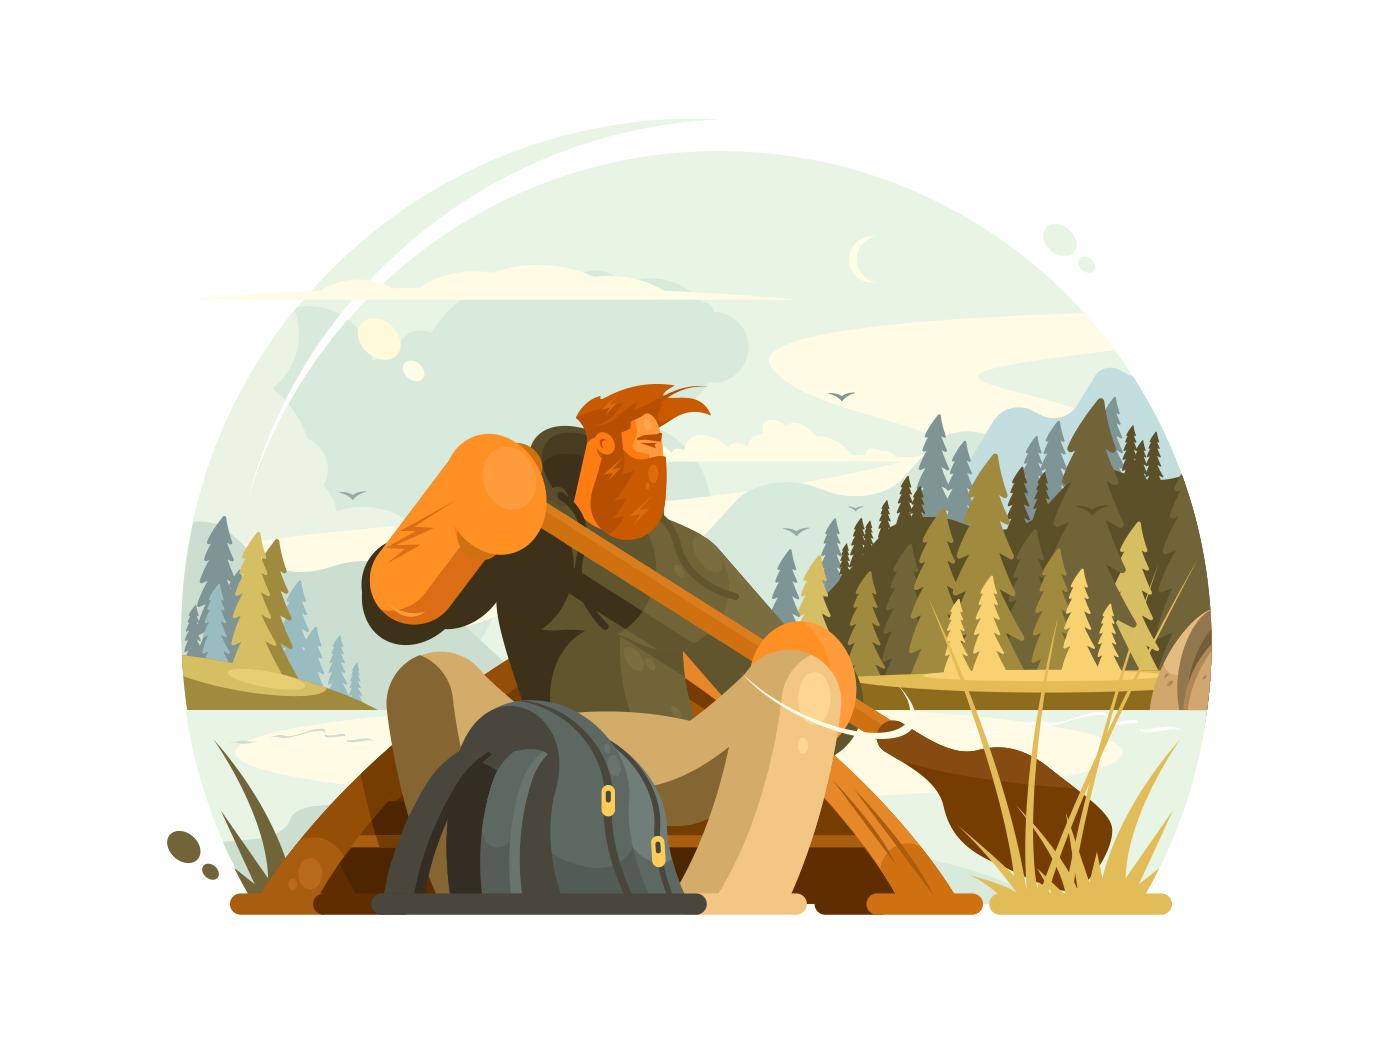 Bearded man in canoe illustration